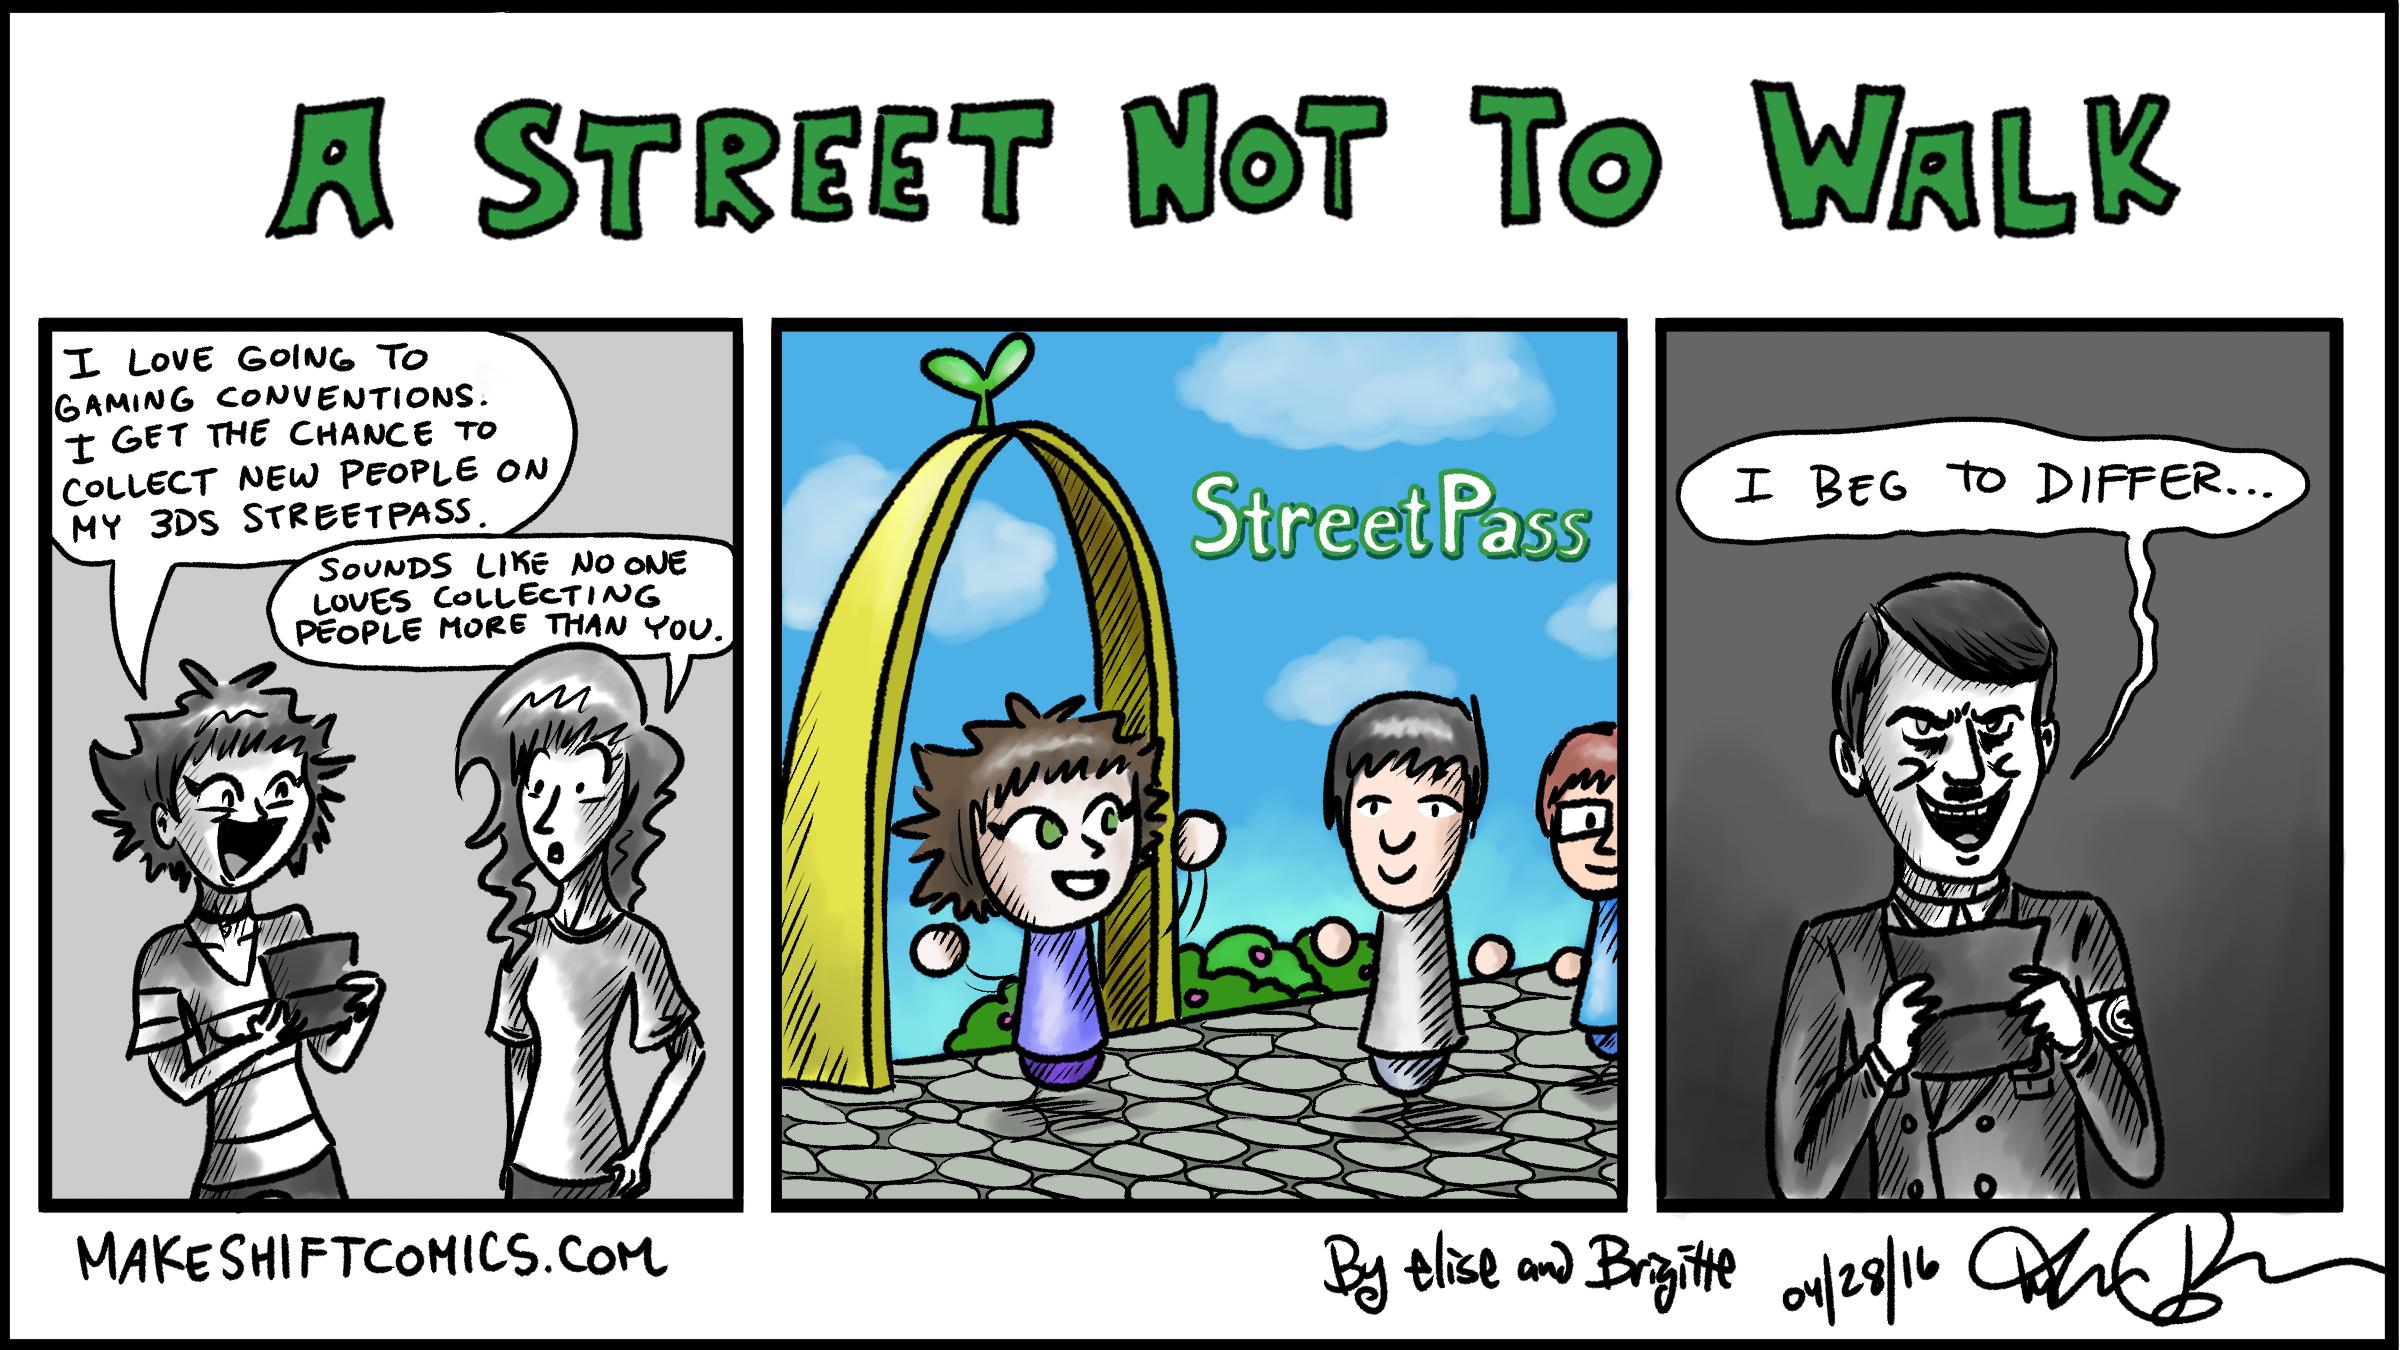 A Street Not to Walk